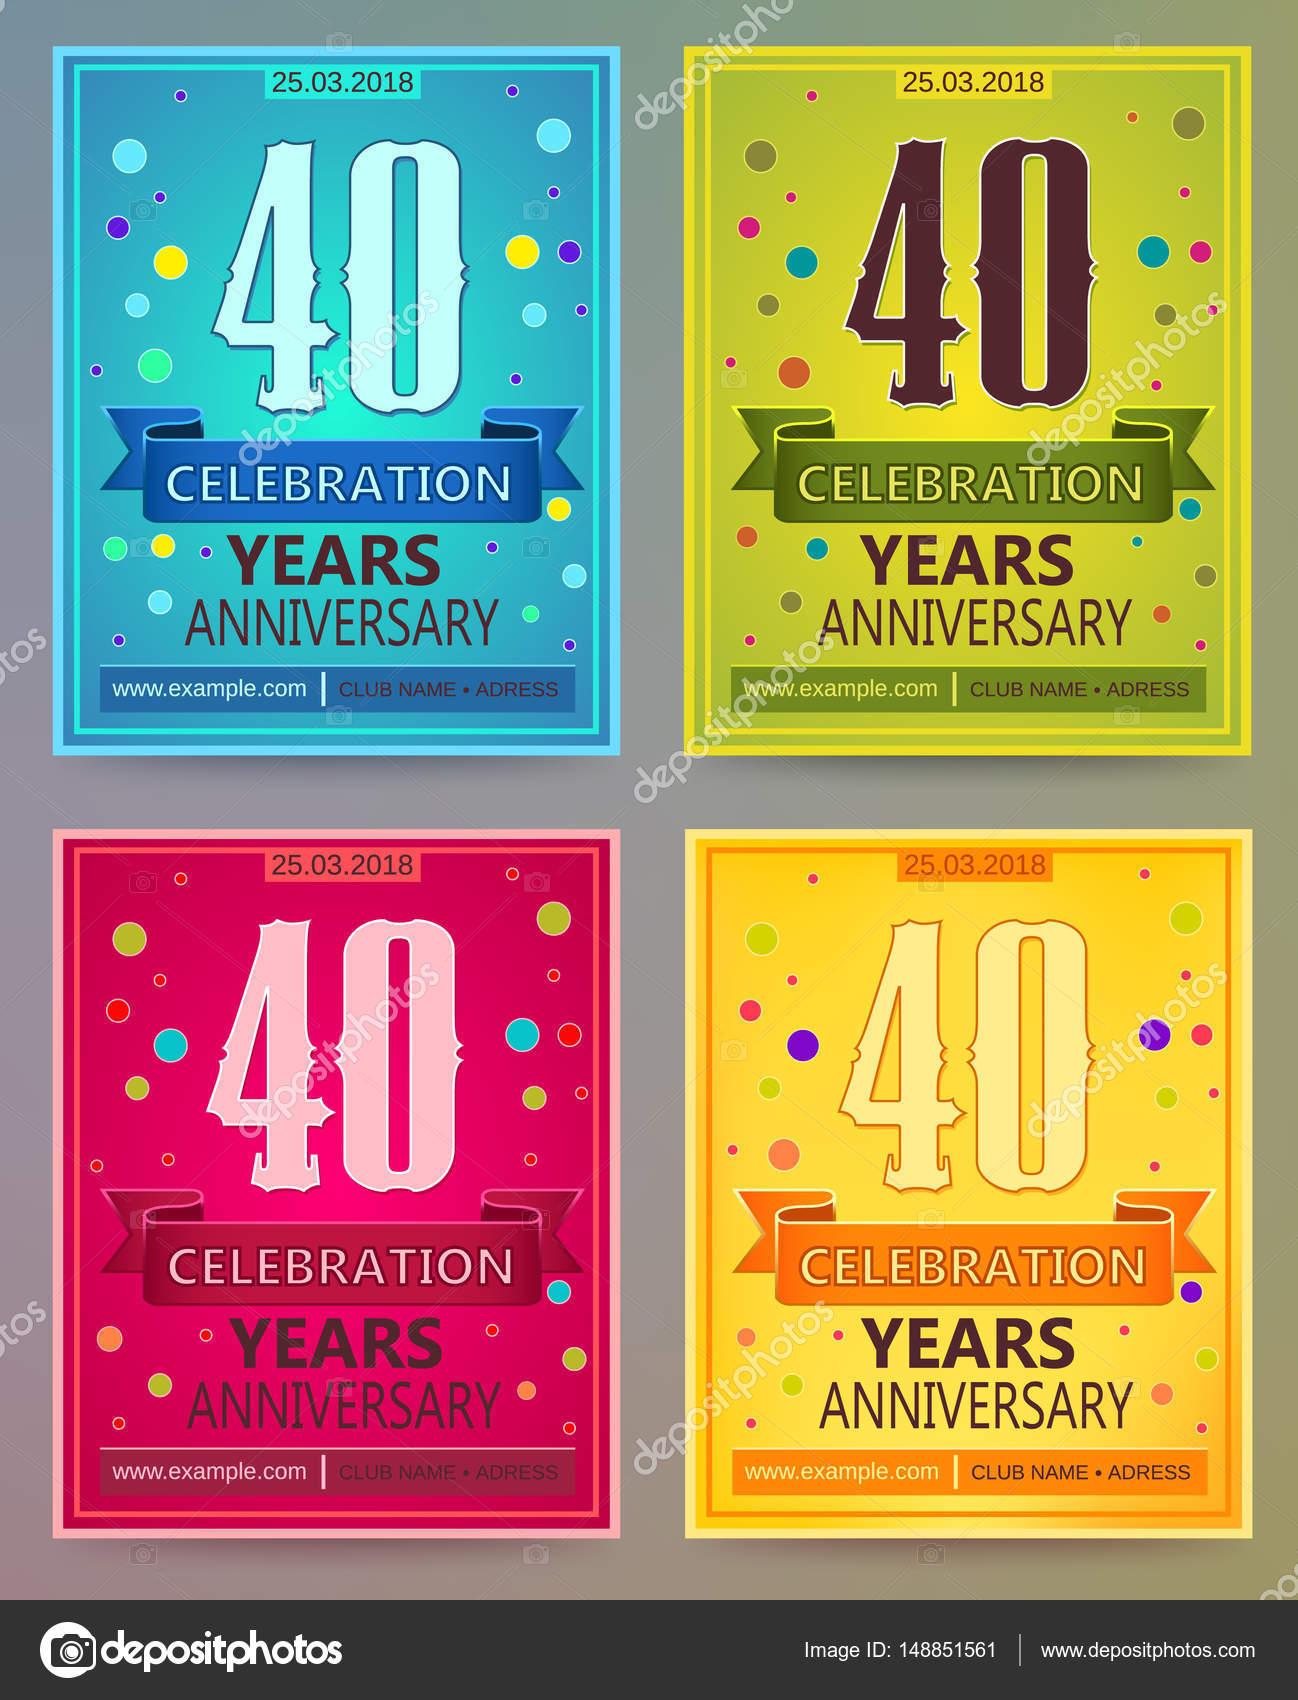 Volantes de aniversario o invitaciones vector plantillas. 40. Fotry ...